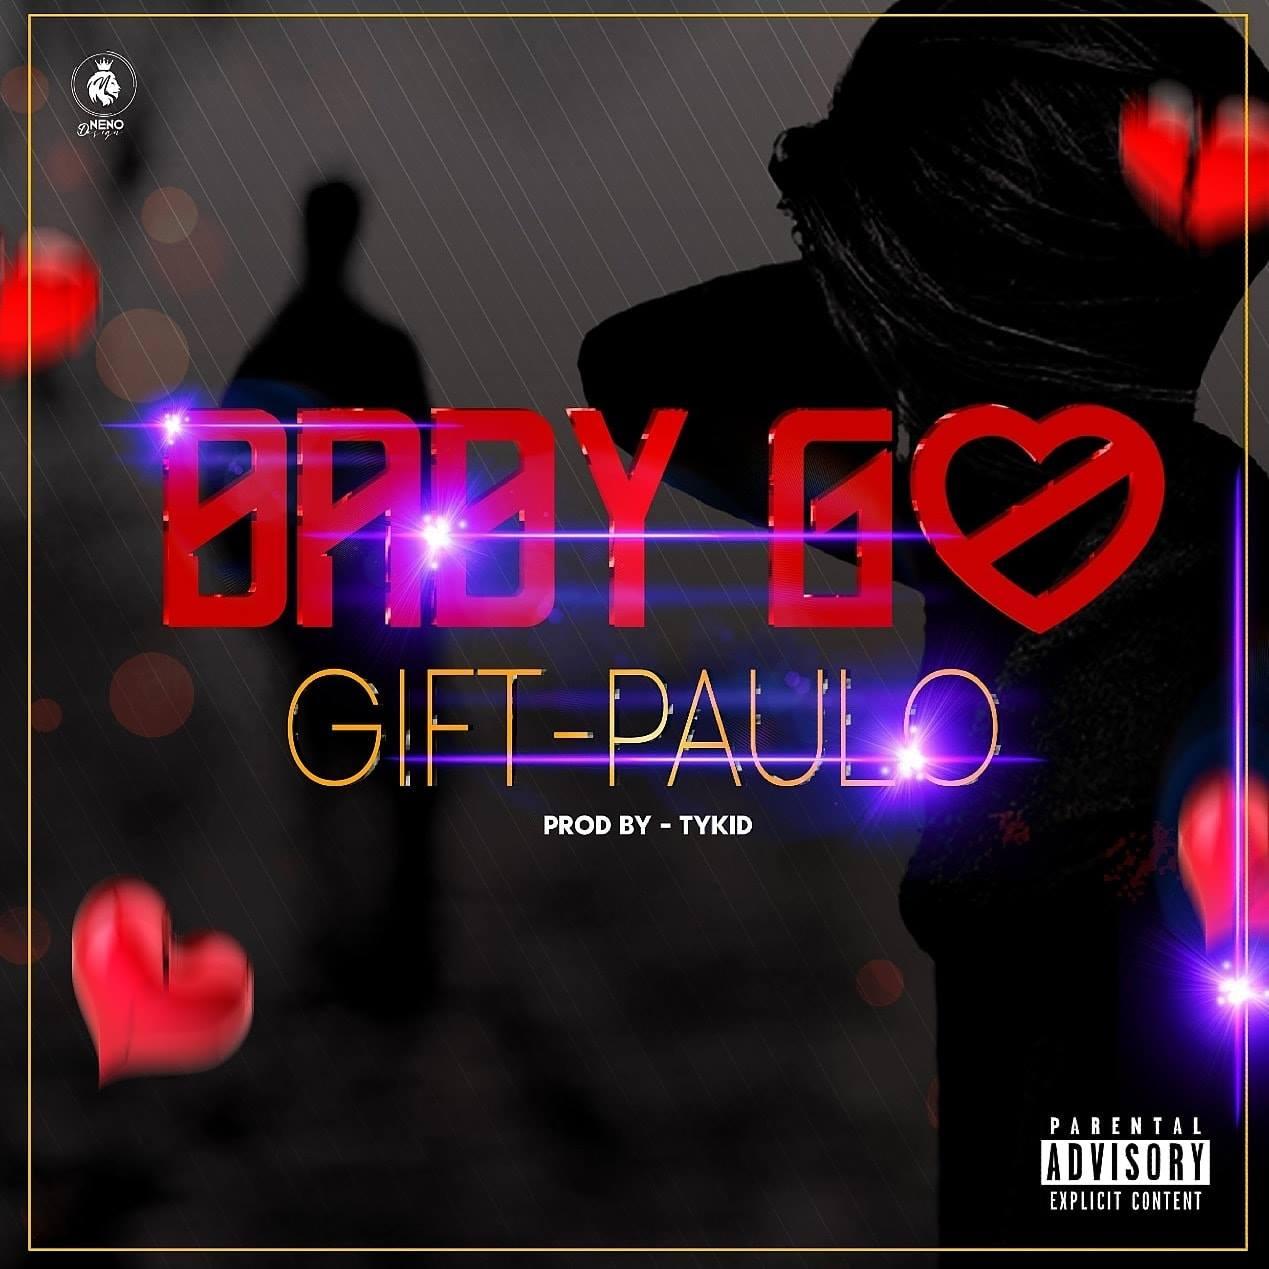 Gift Paulo Baby go BAIXAR MUSICA